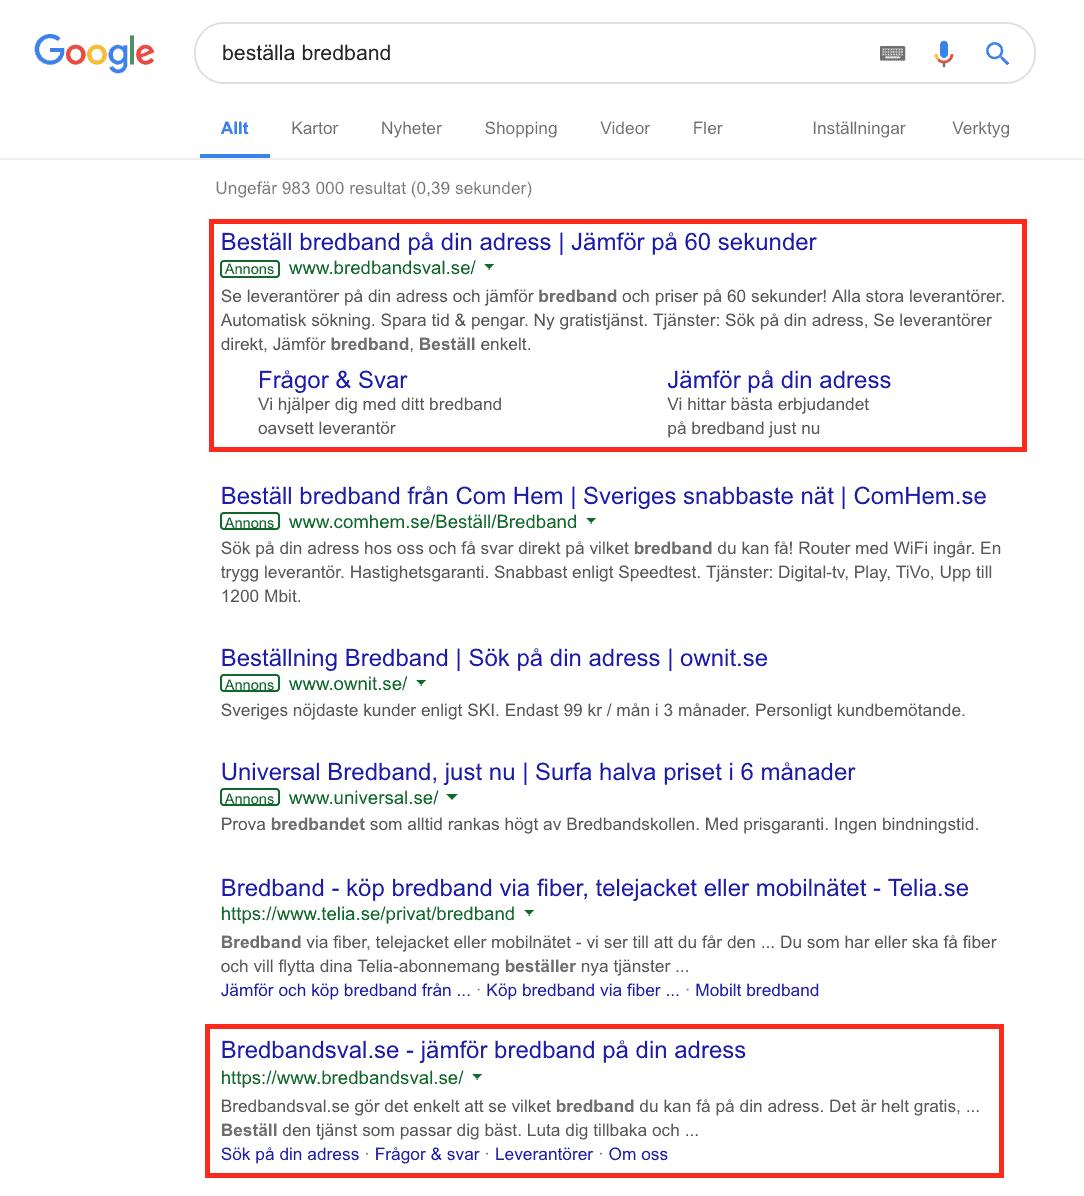 google ads seo organisk sökresultat